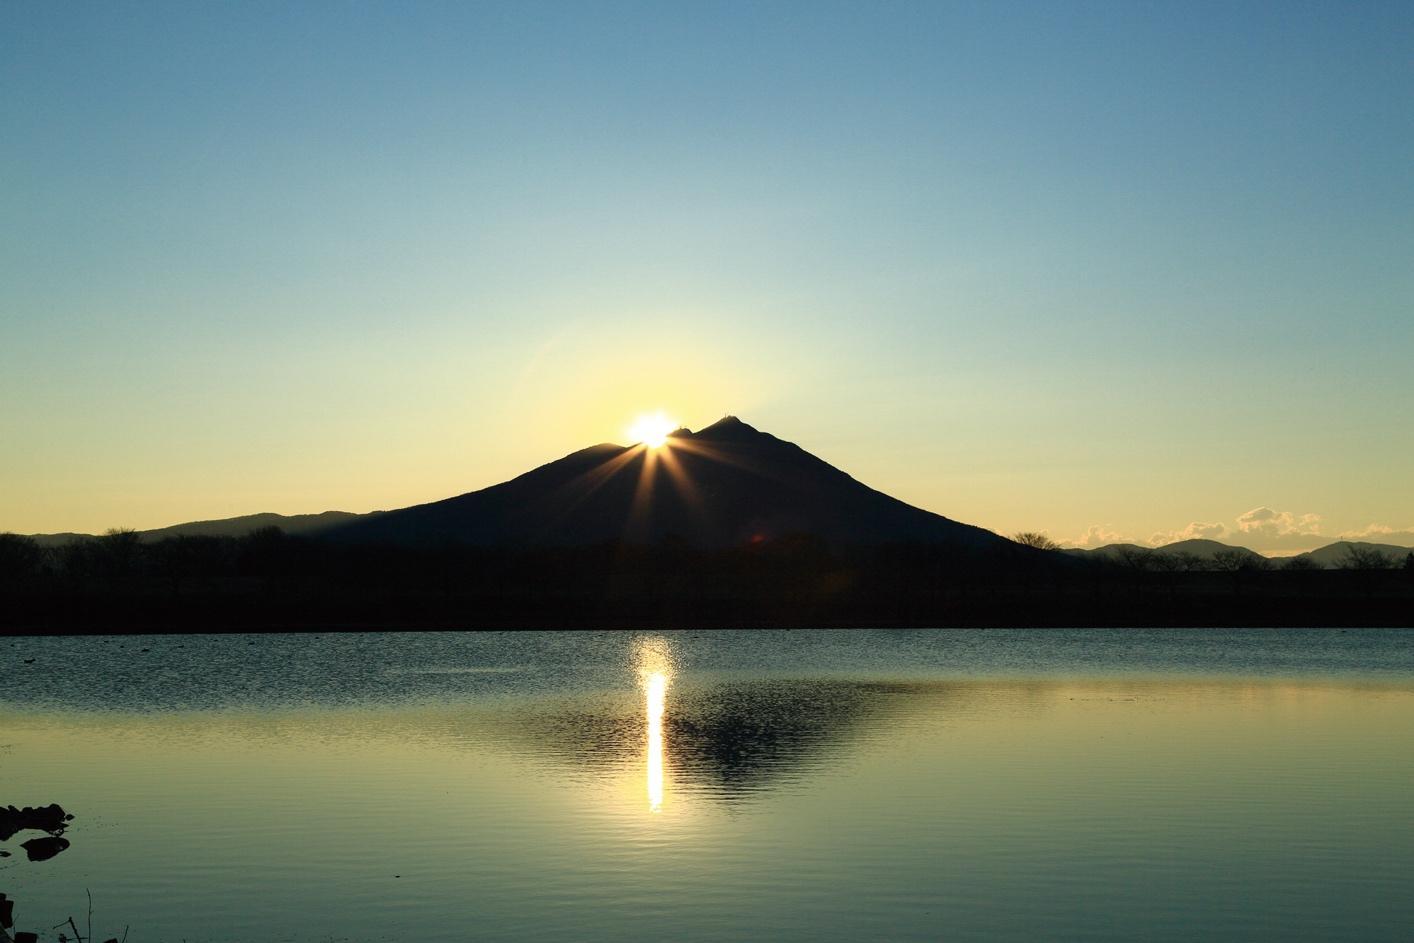 https://www.pref.ibaraki.jp/bugai/koho/kenmin/download/documents/140210_05a1.png